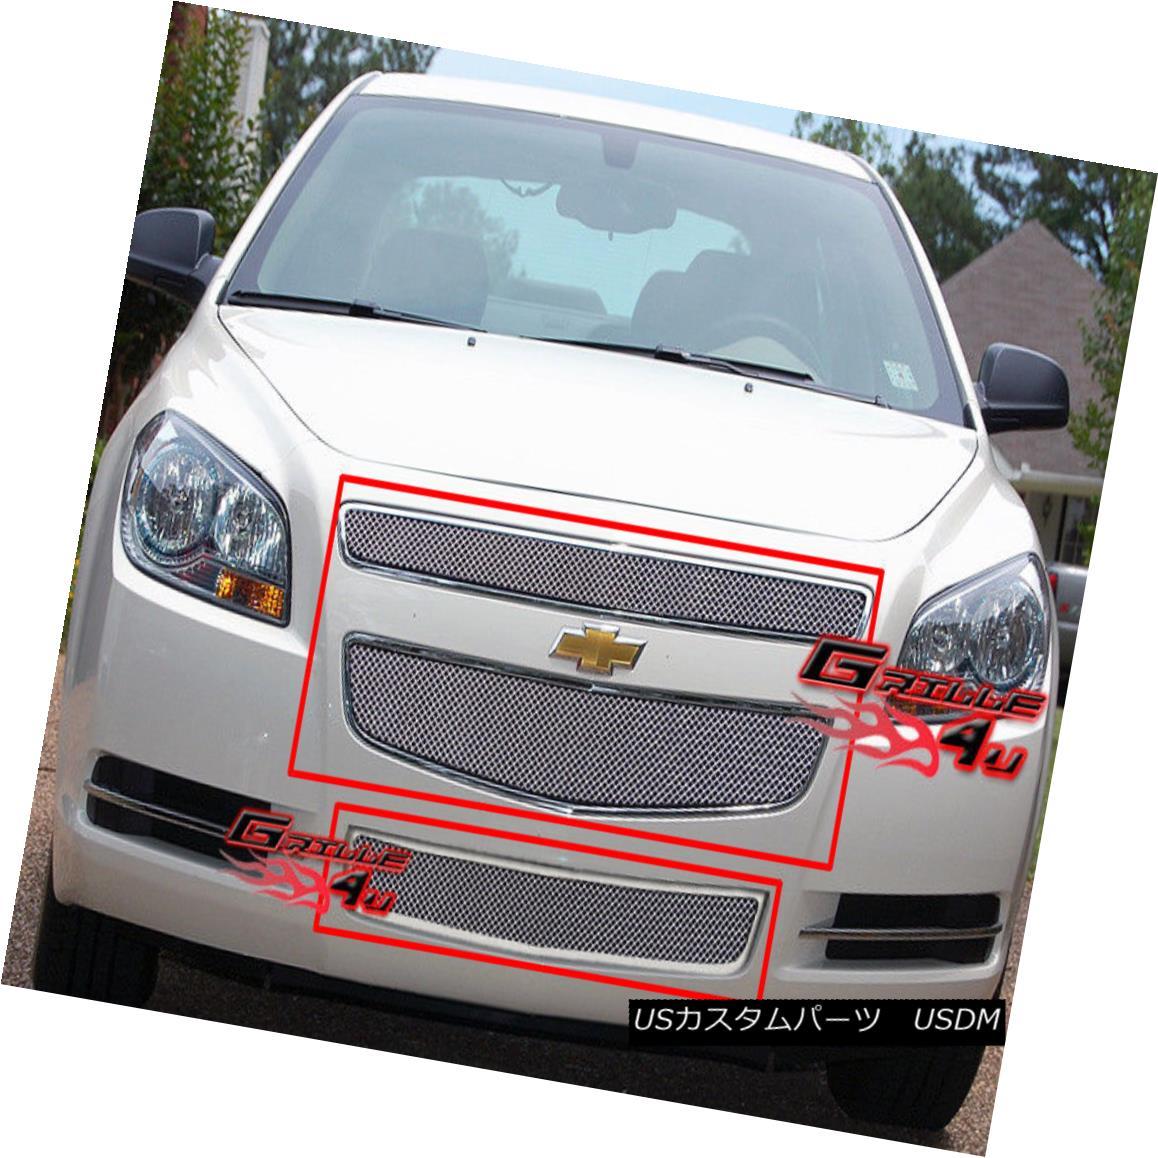 グリル Fits 08-12 2011 2012 Chevy Malibu Stainless Mesh Grille Grill Combo insert フィット2011年8月12日2012シボレーマリブステンレスメッシュグリルグリルコンボインサート